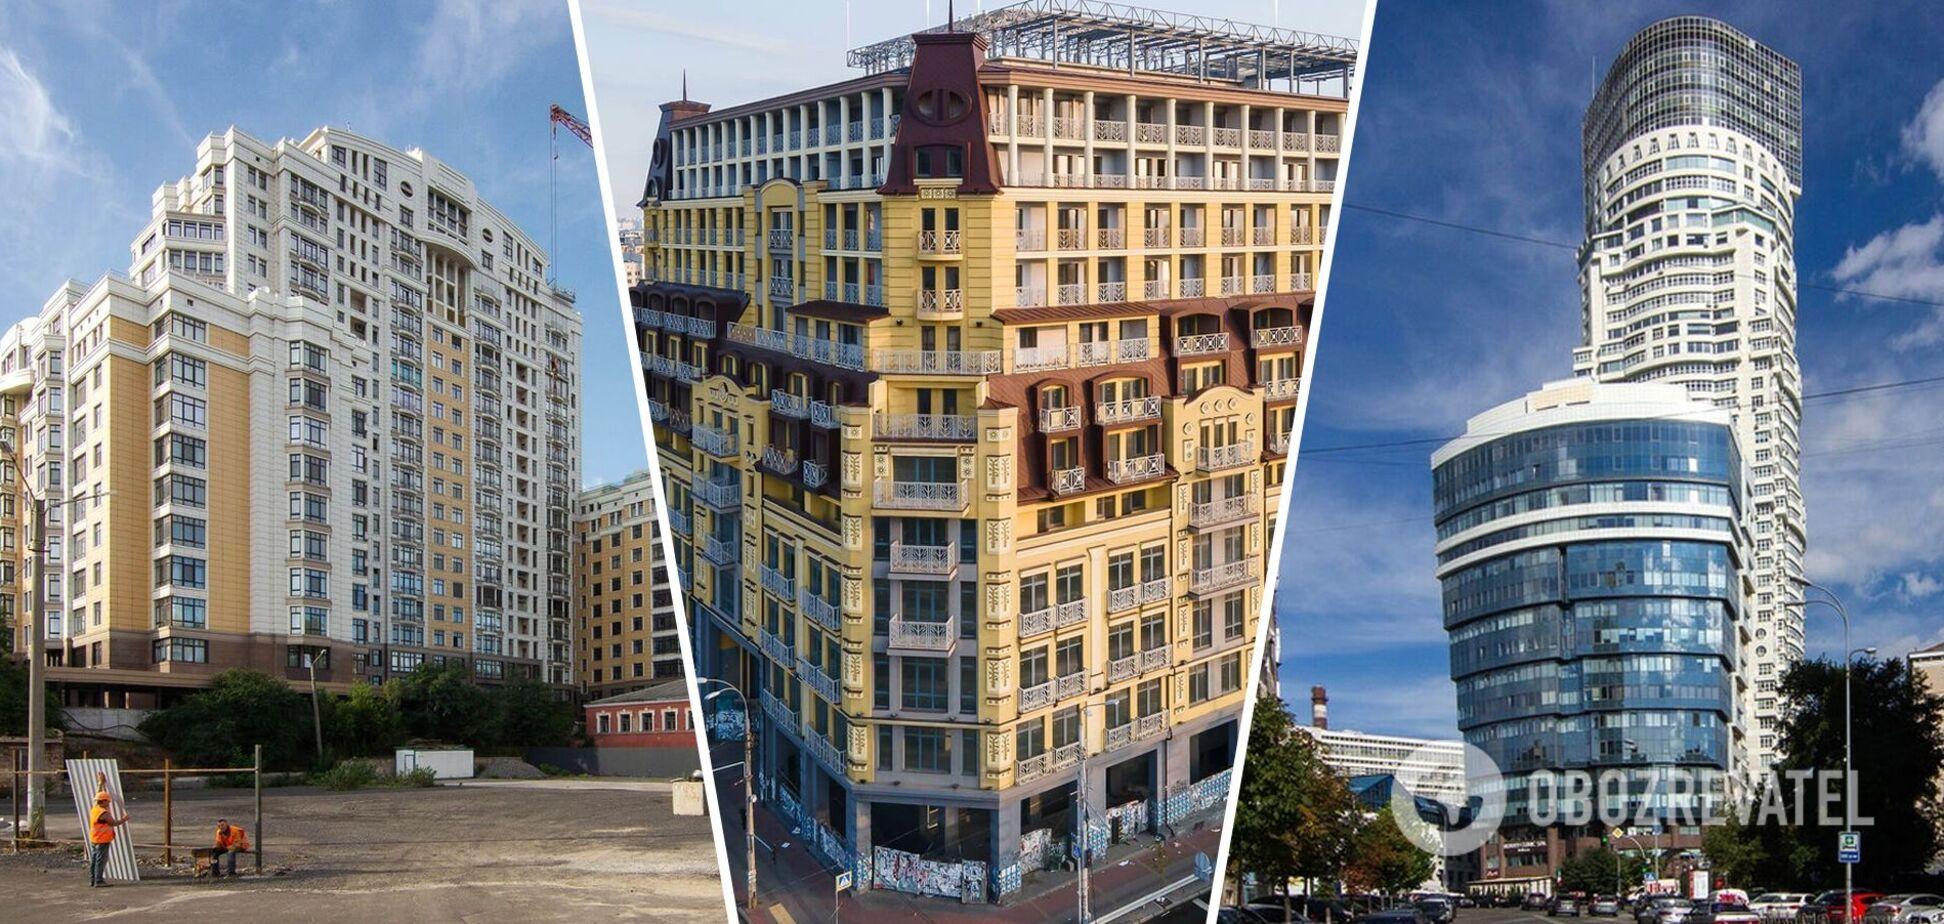 Сергій Бабушкін спроєктував потворні новобудови